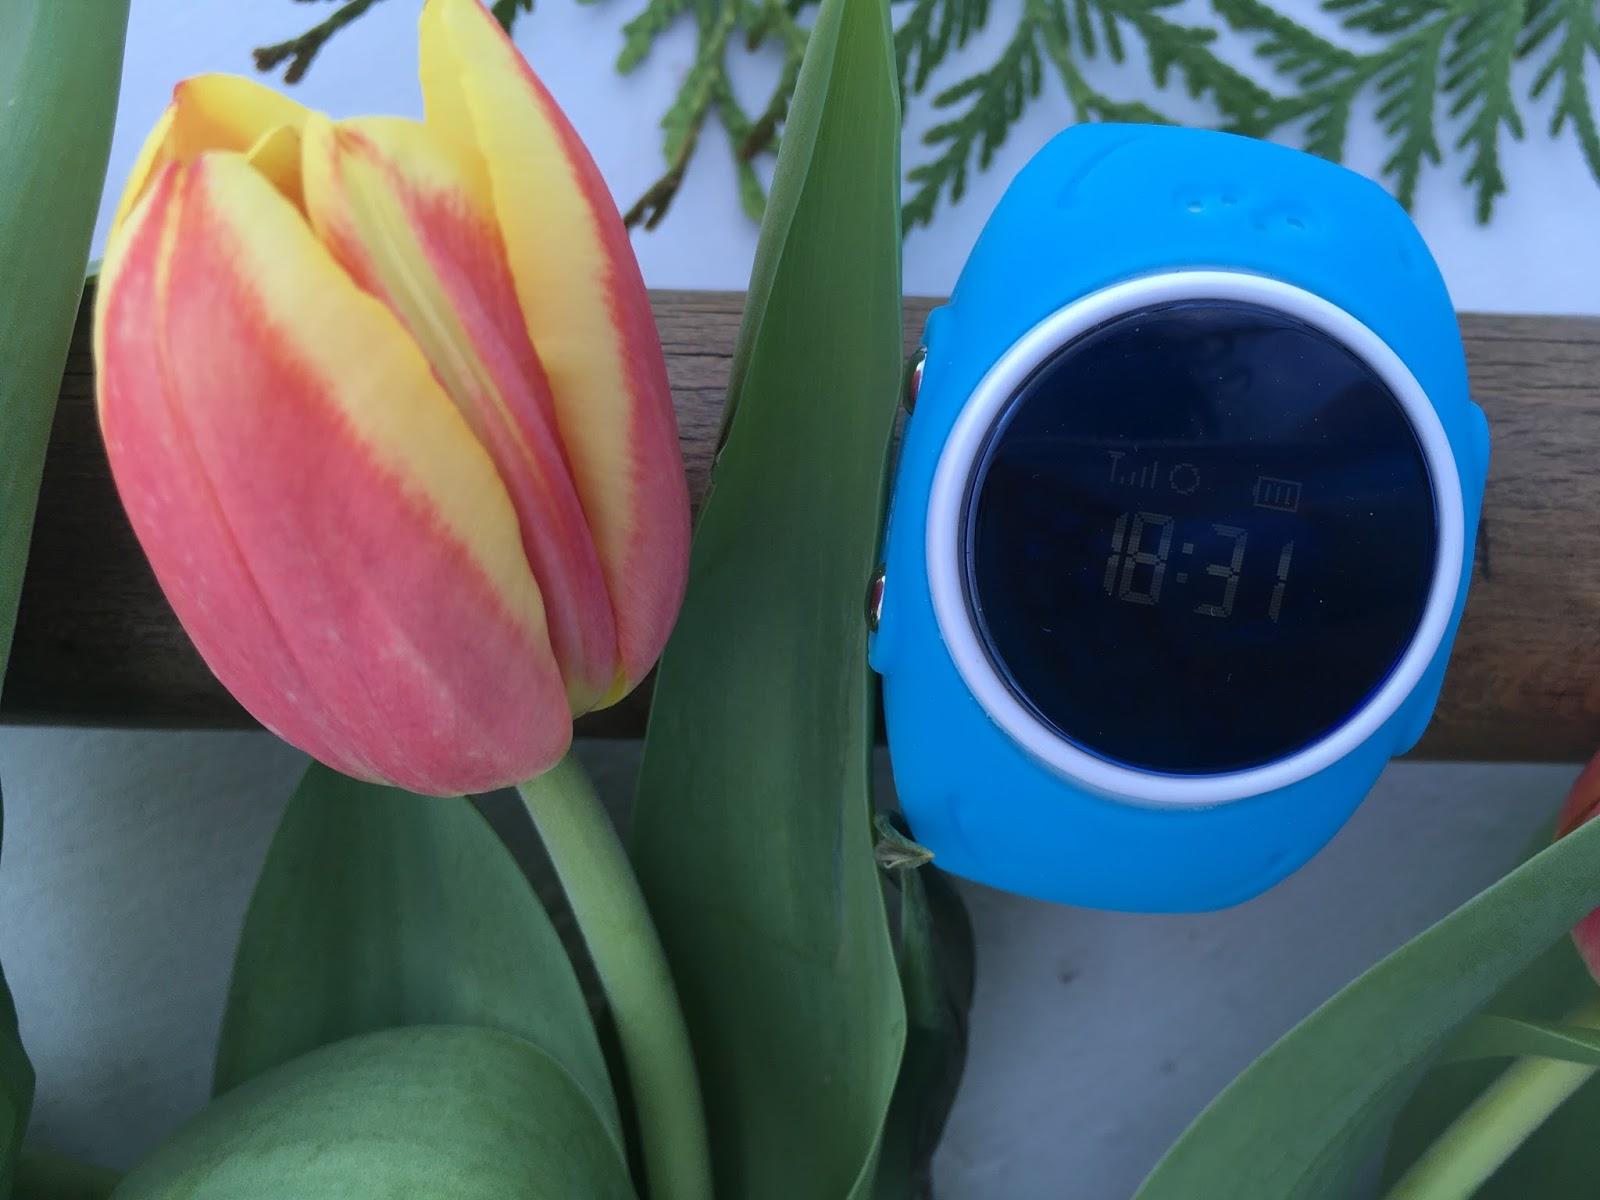 zegarek gps dla dziecka bezpieczna rodzina